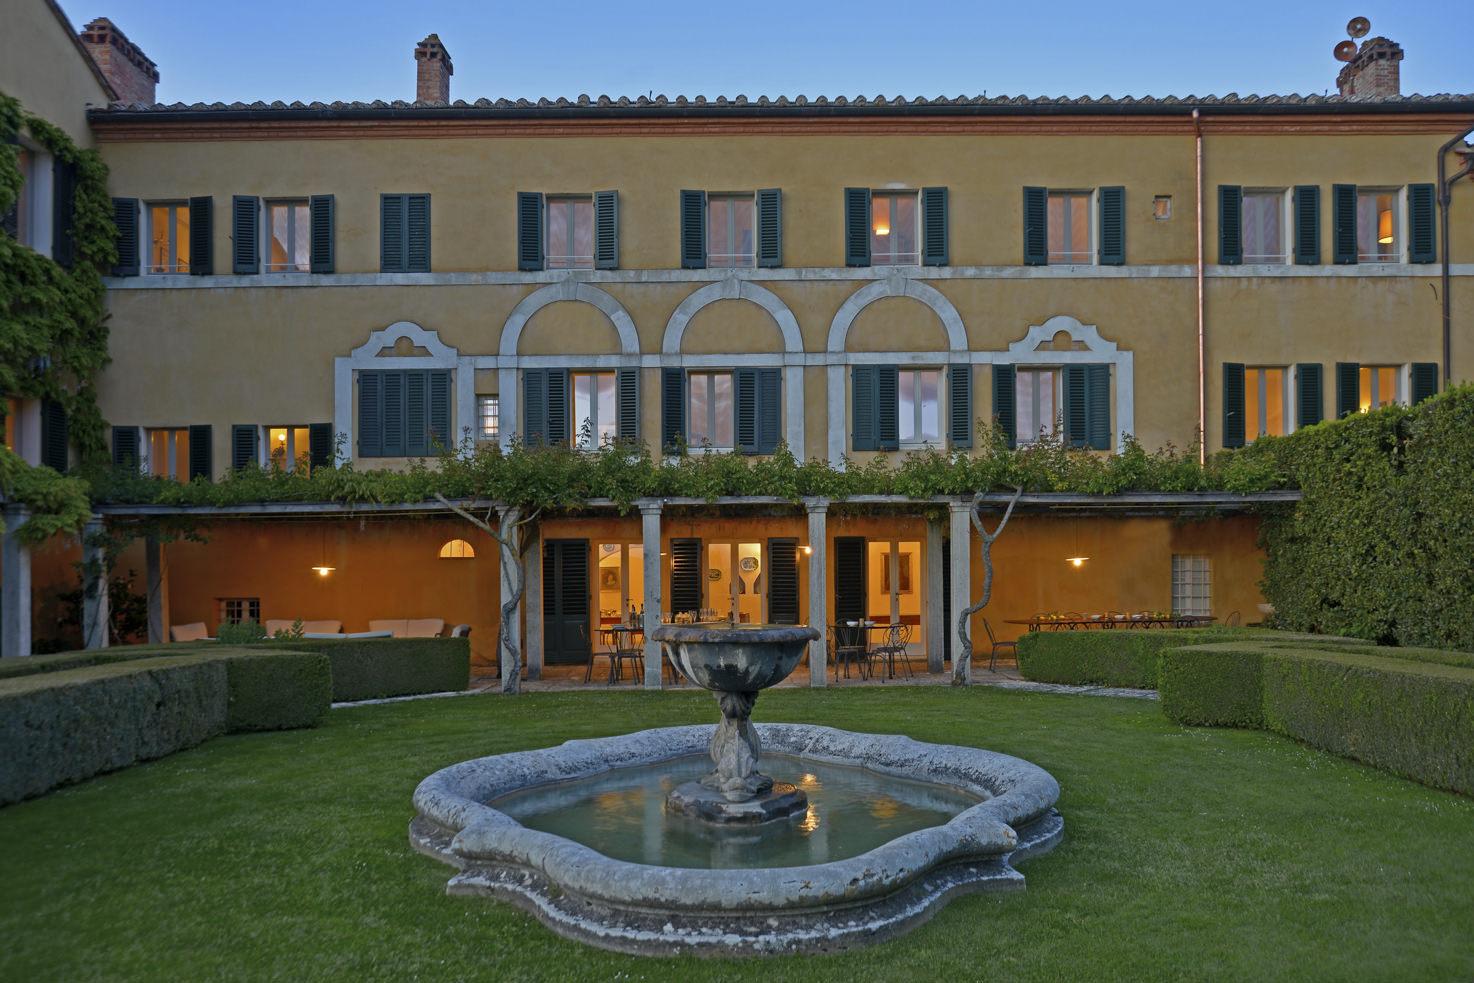 Façade of Villa La Foce